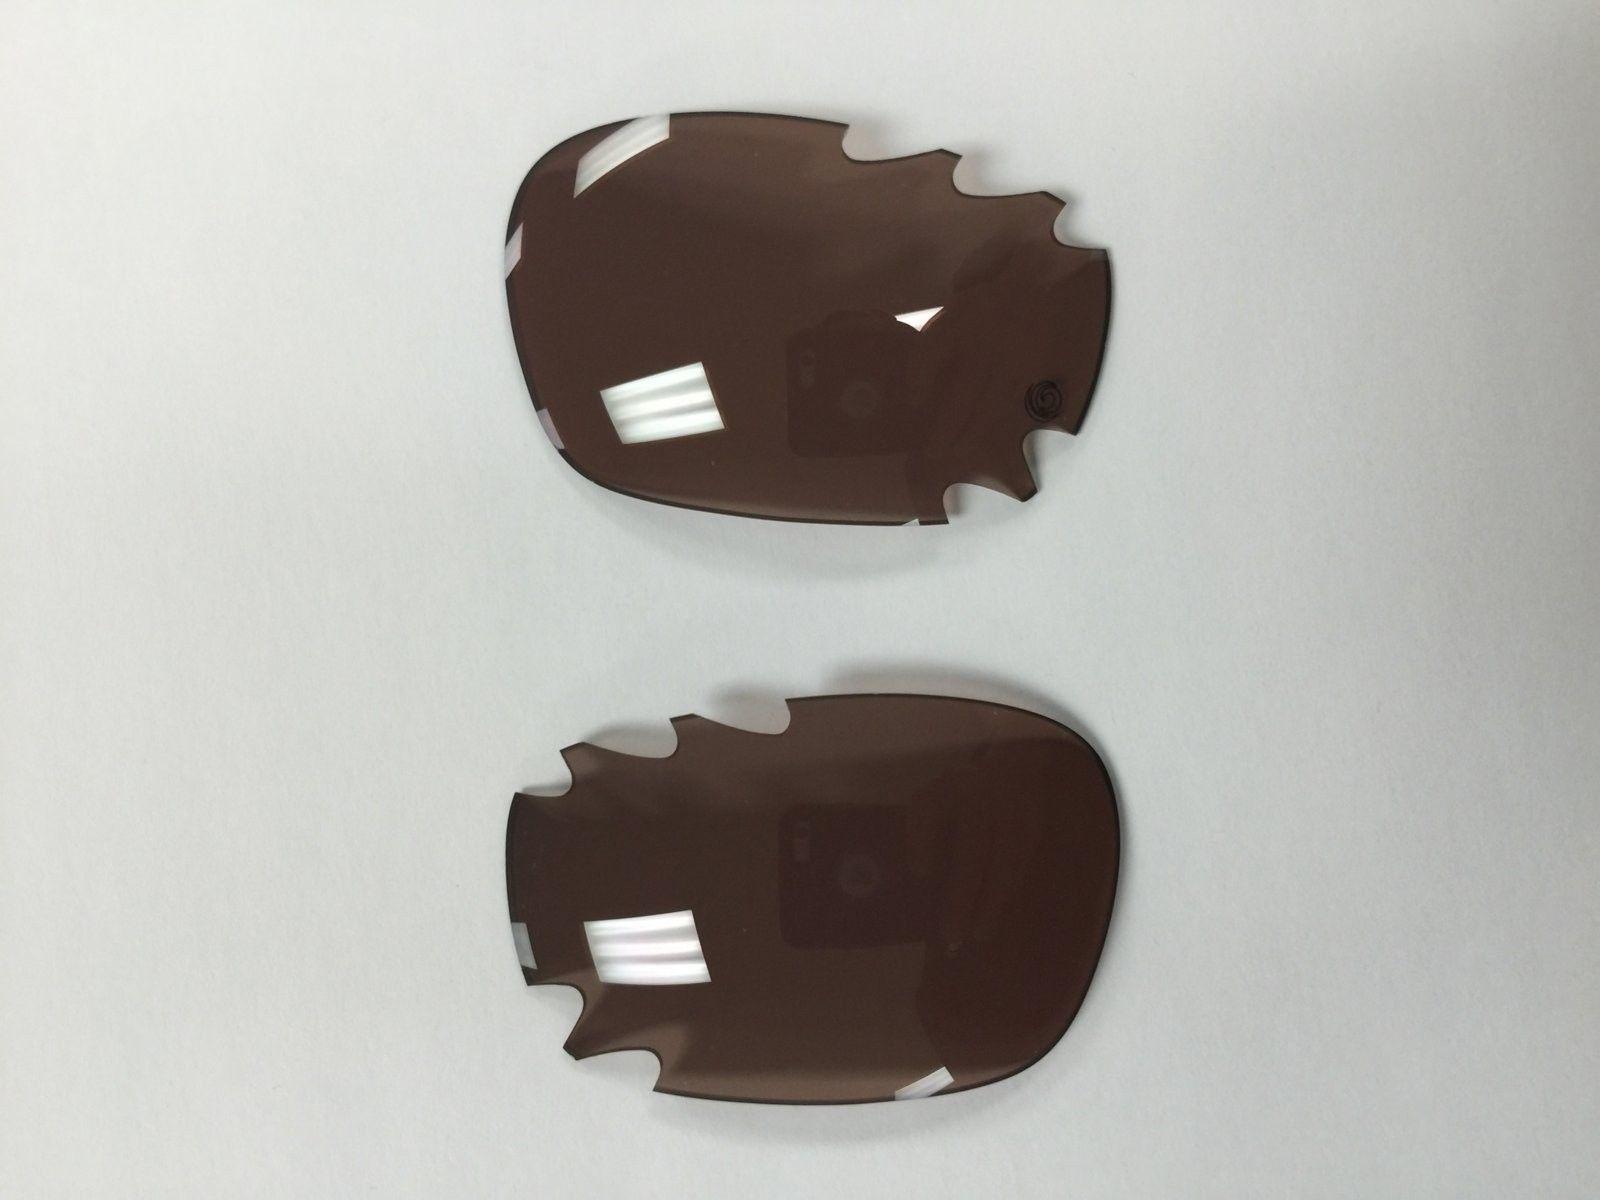 VR50 transition lenses - image.jpeg